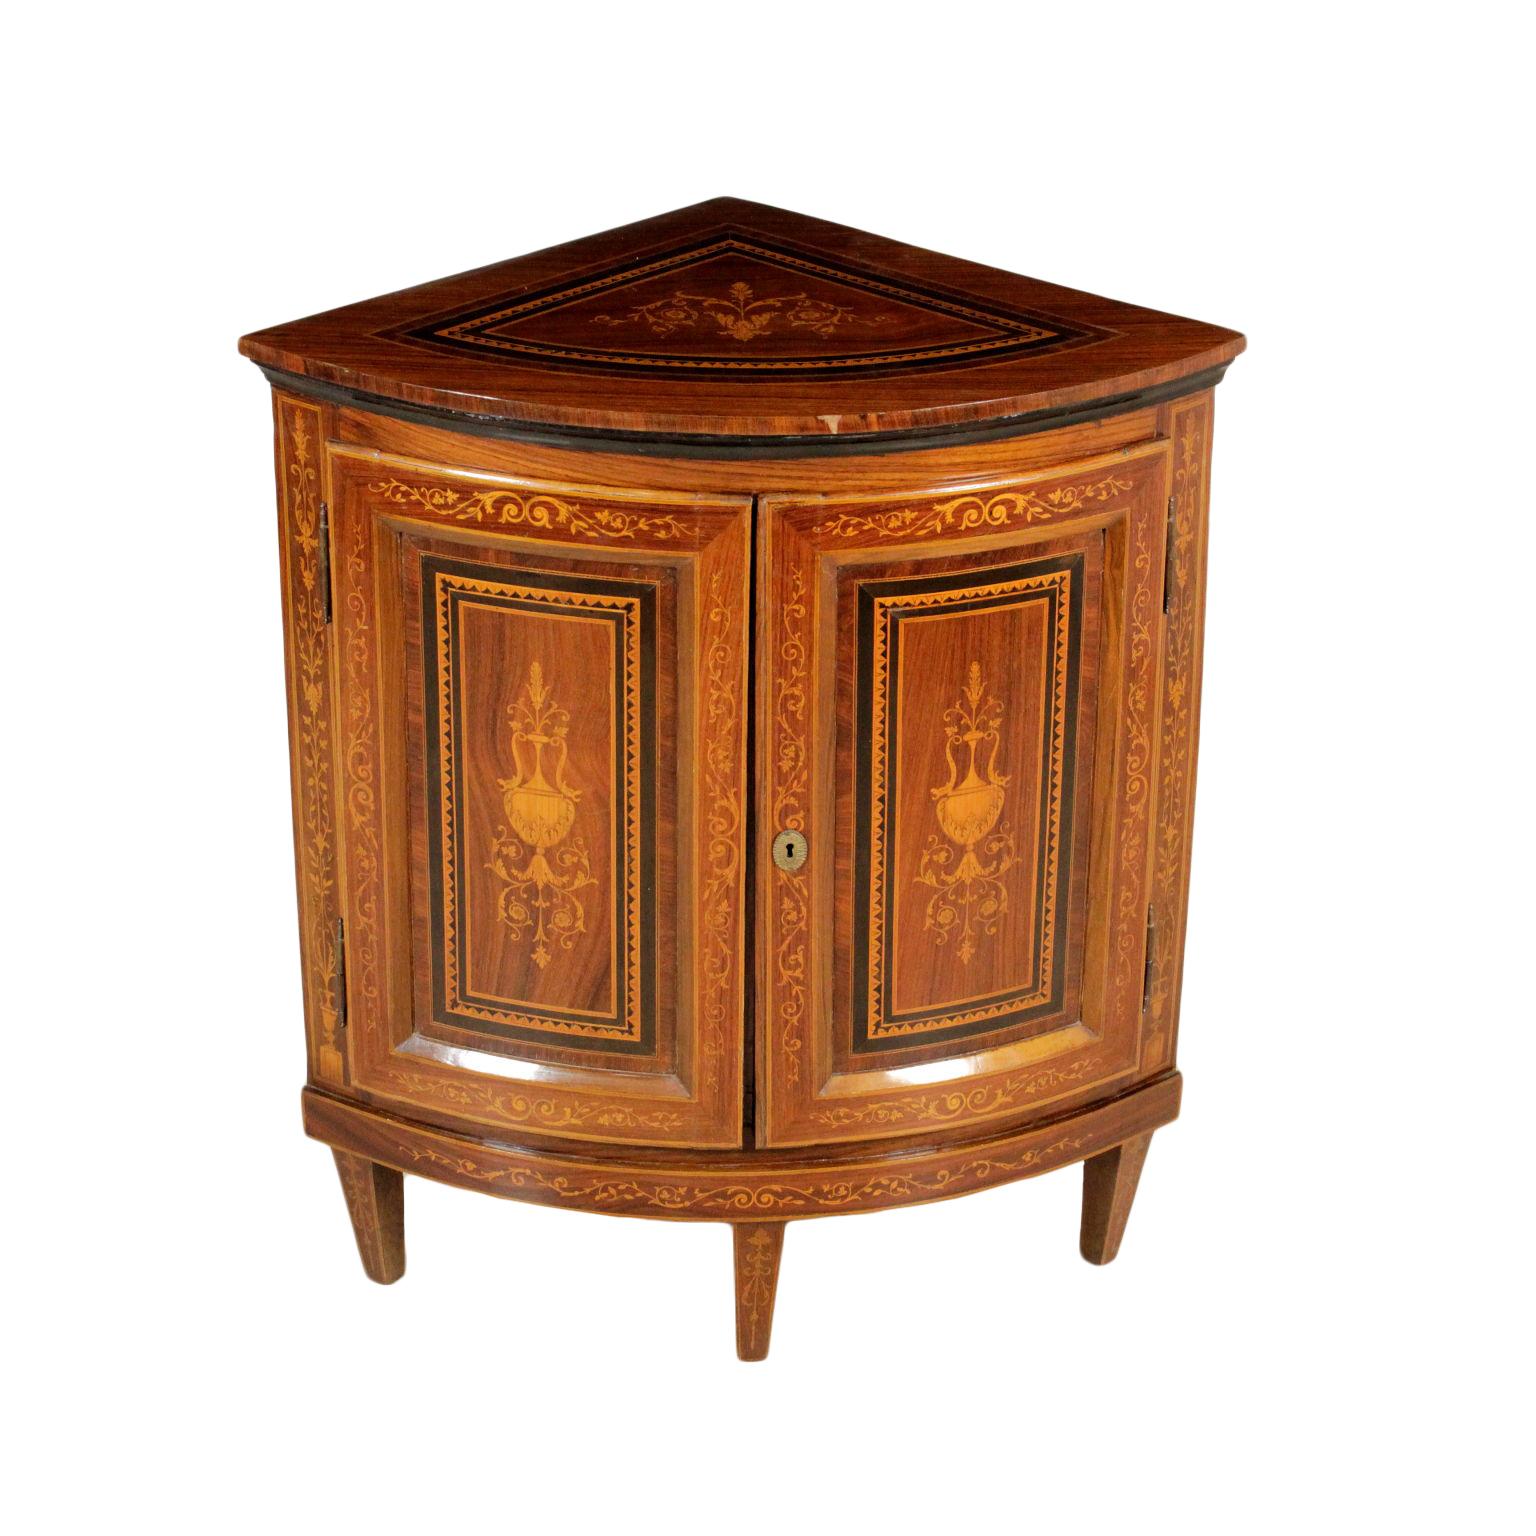 Angoliera in stile neoclassico mobili in stile bottega del 900 - Mobili bottega veneta ...